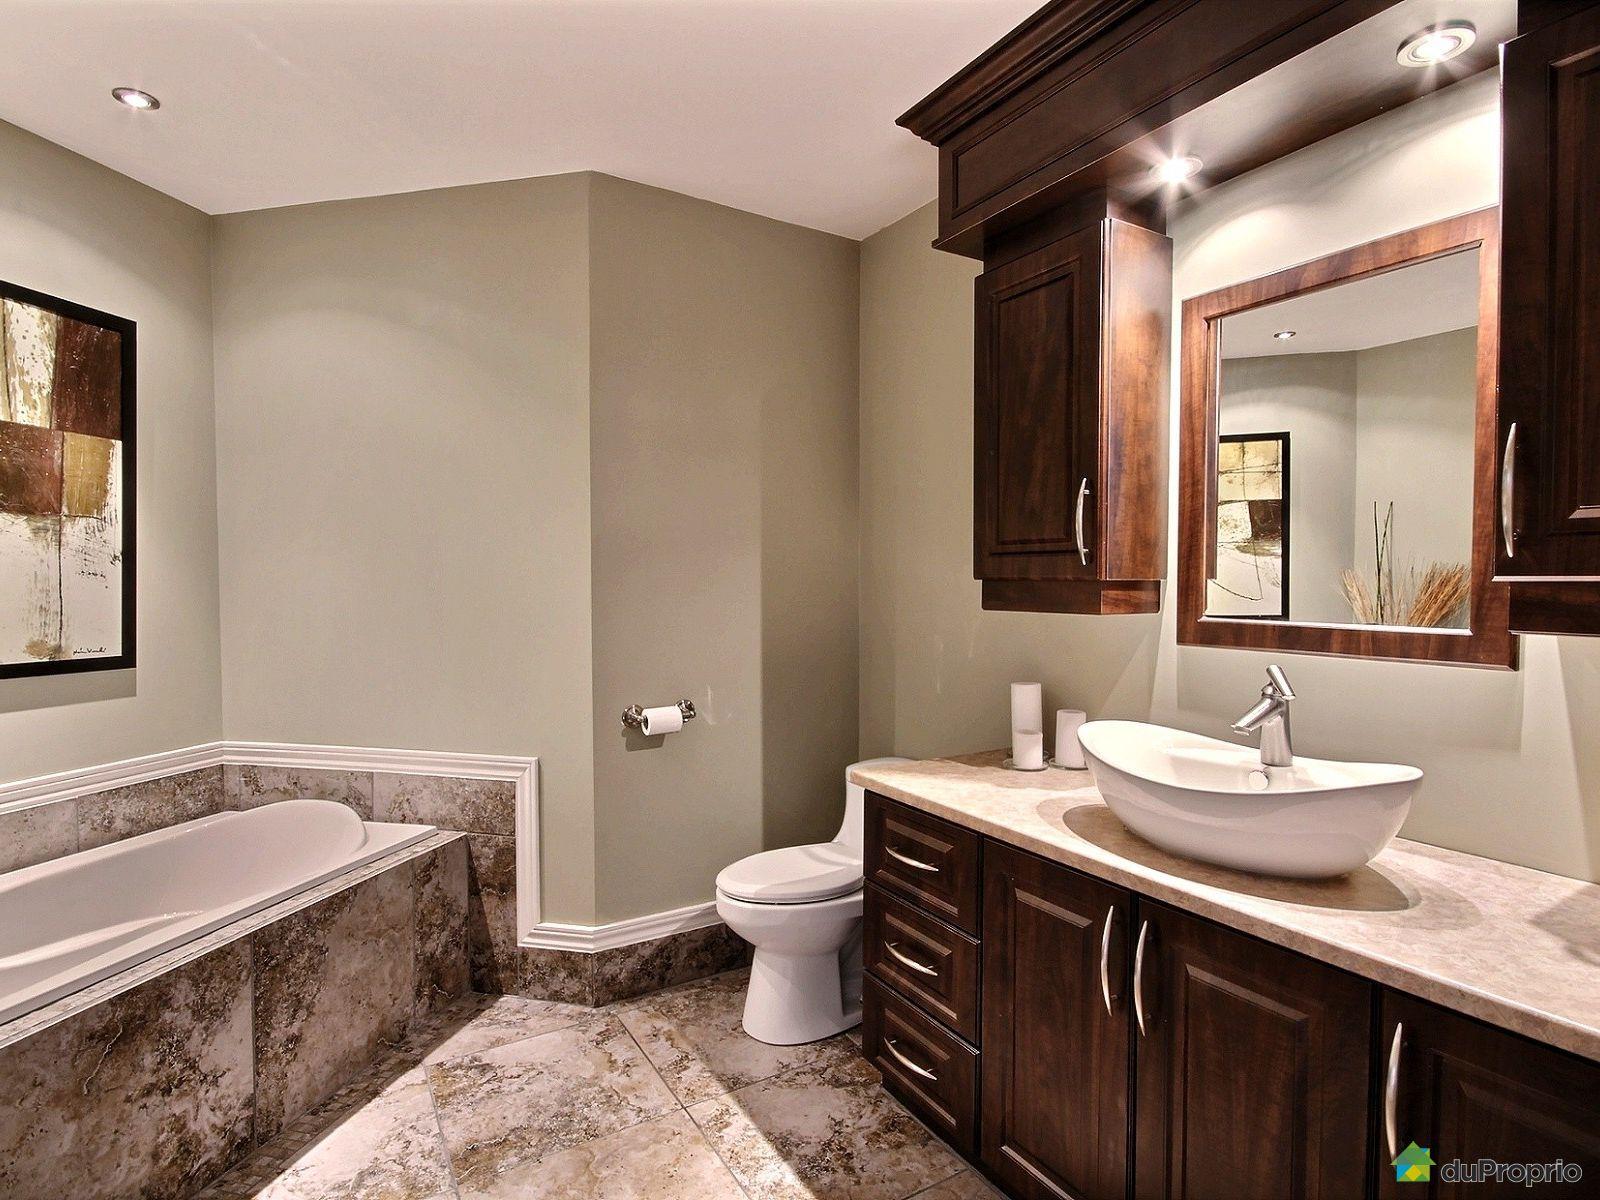 grande salle de bain familiale chaioscom - Grande Salle De Bain Familiale